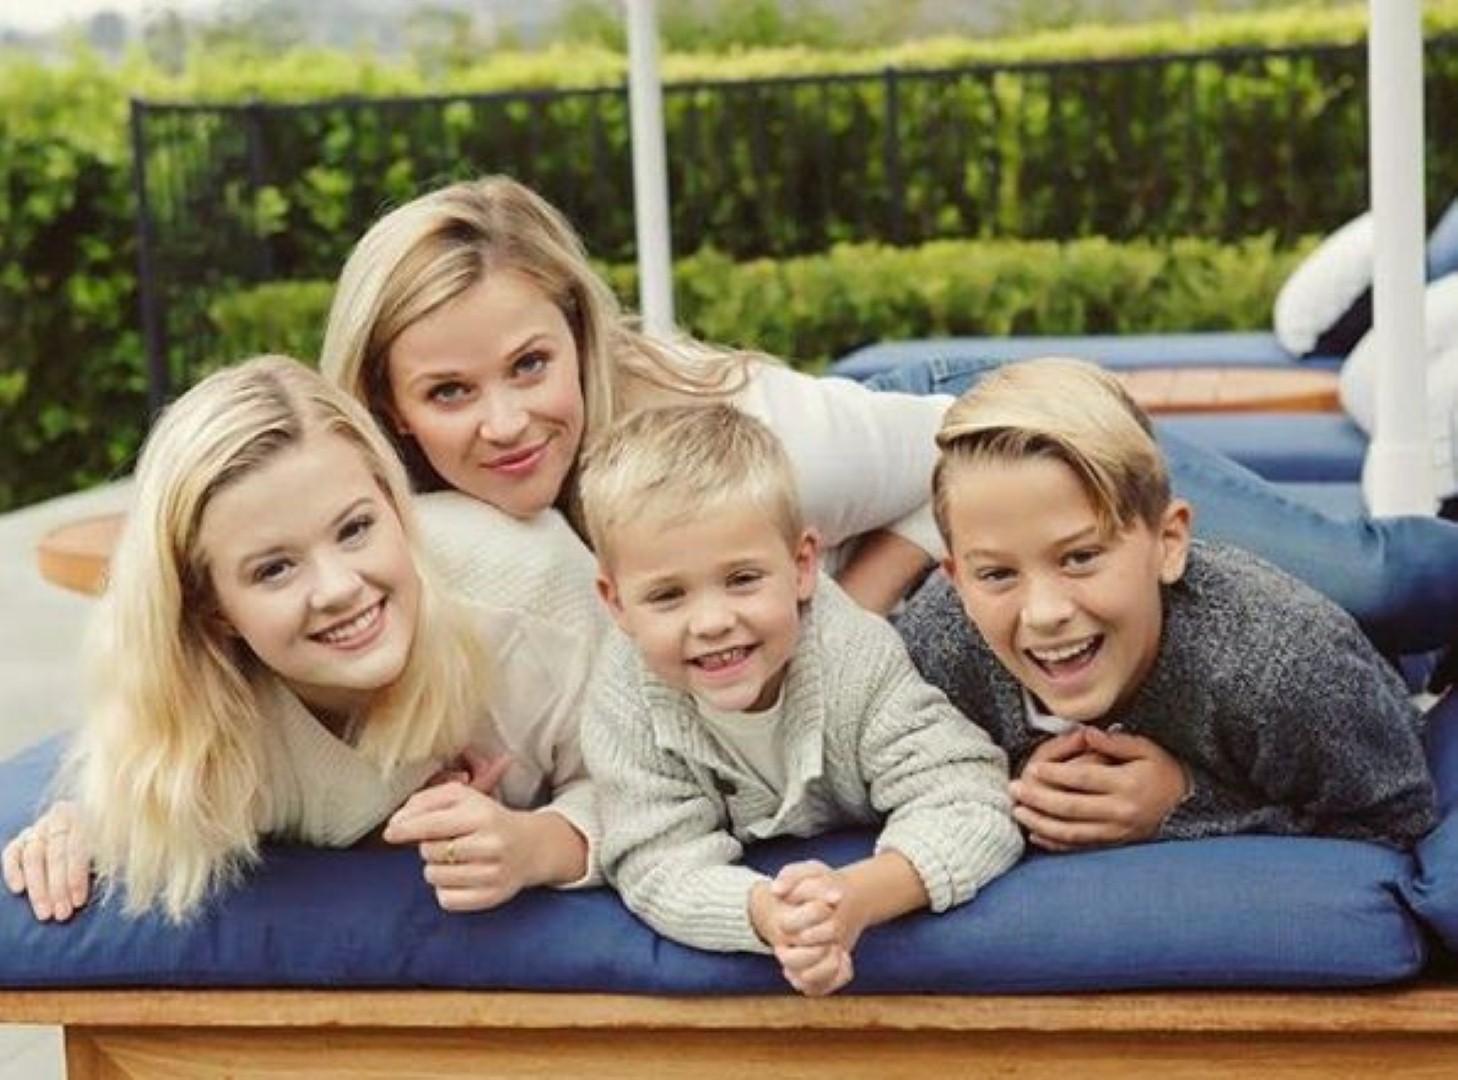 גאים בה! וויתרספון עם שלושת ילדיה (אינסטגרם)